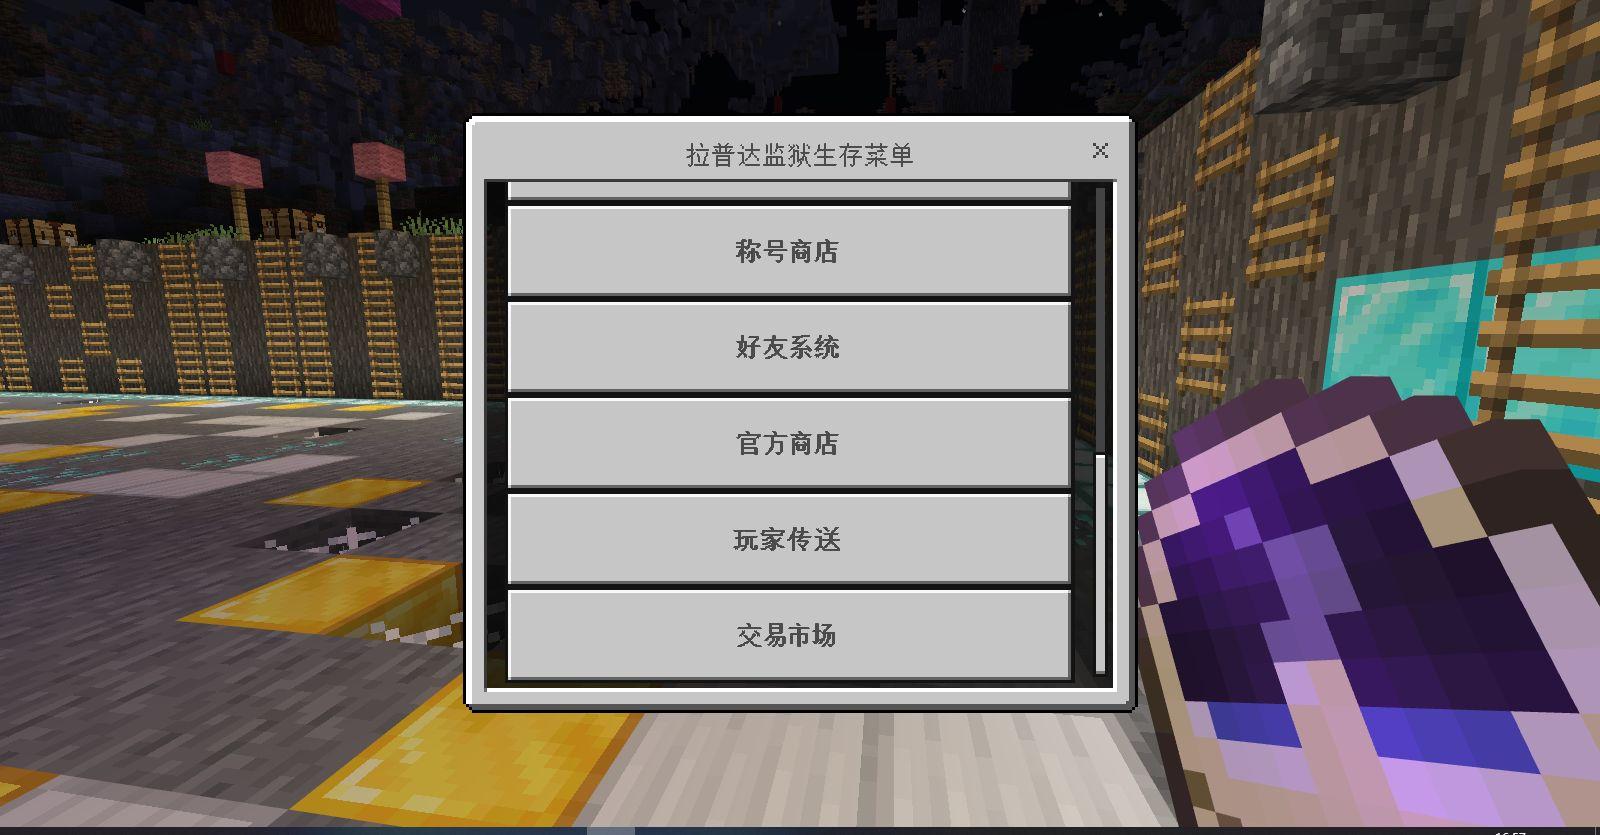 file_1582707444000.jpg